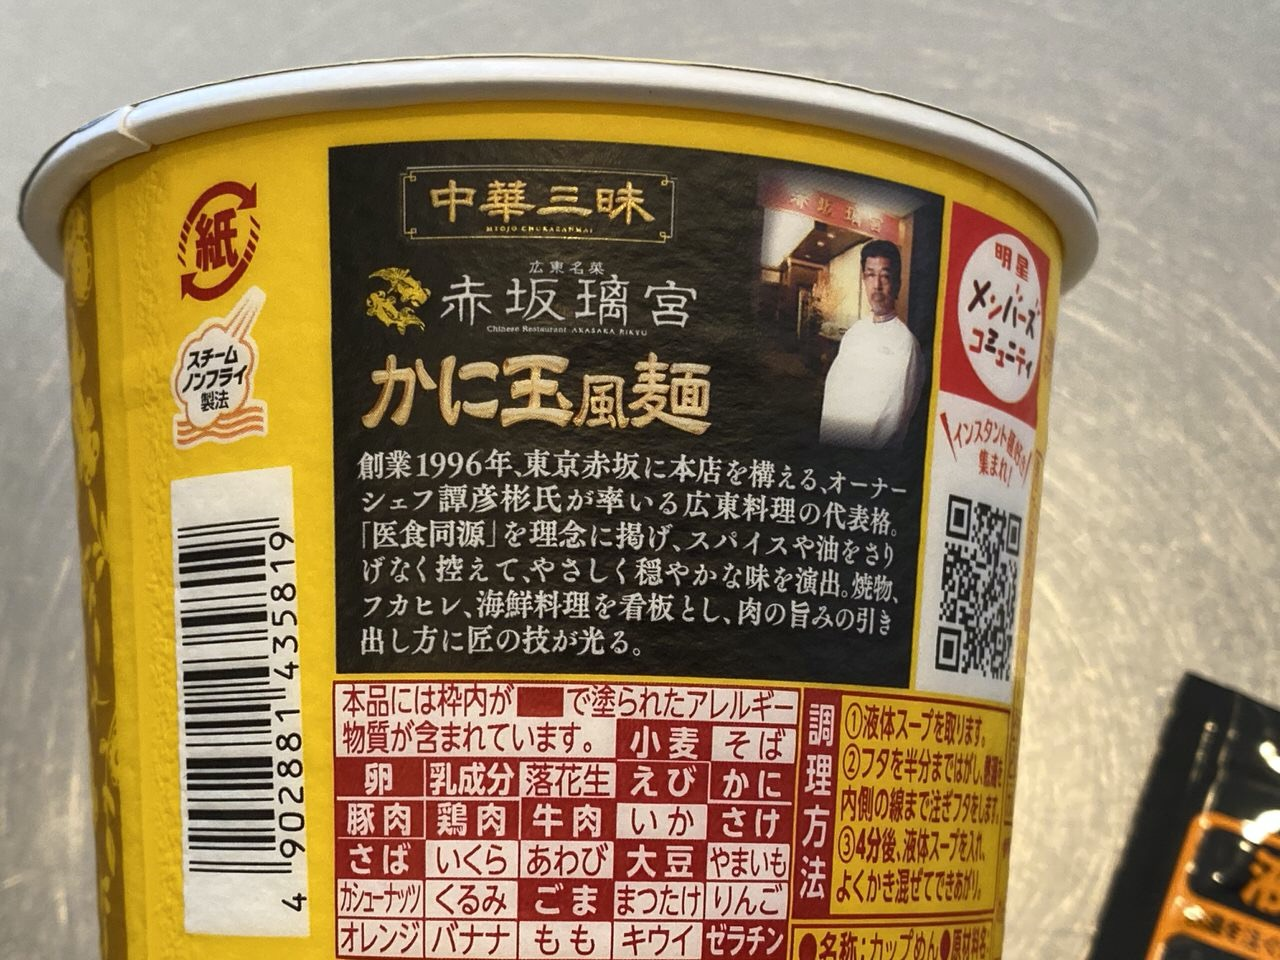 「中華三昧 赤坂璃宮 かに玉風麺」2